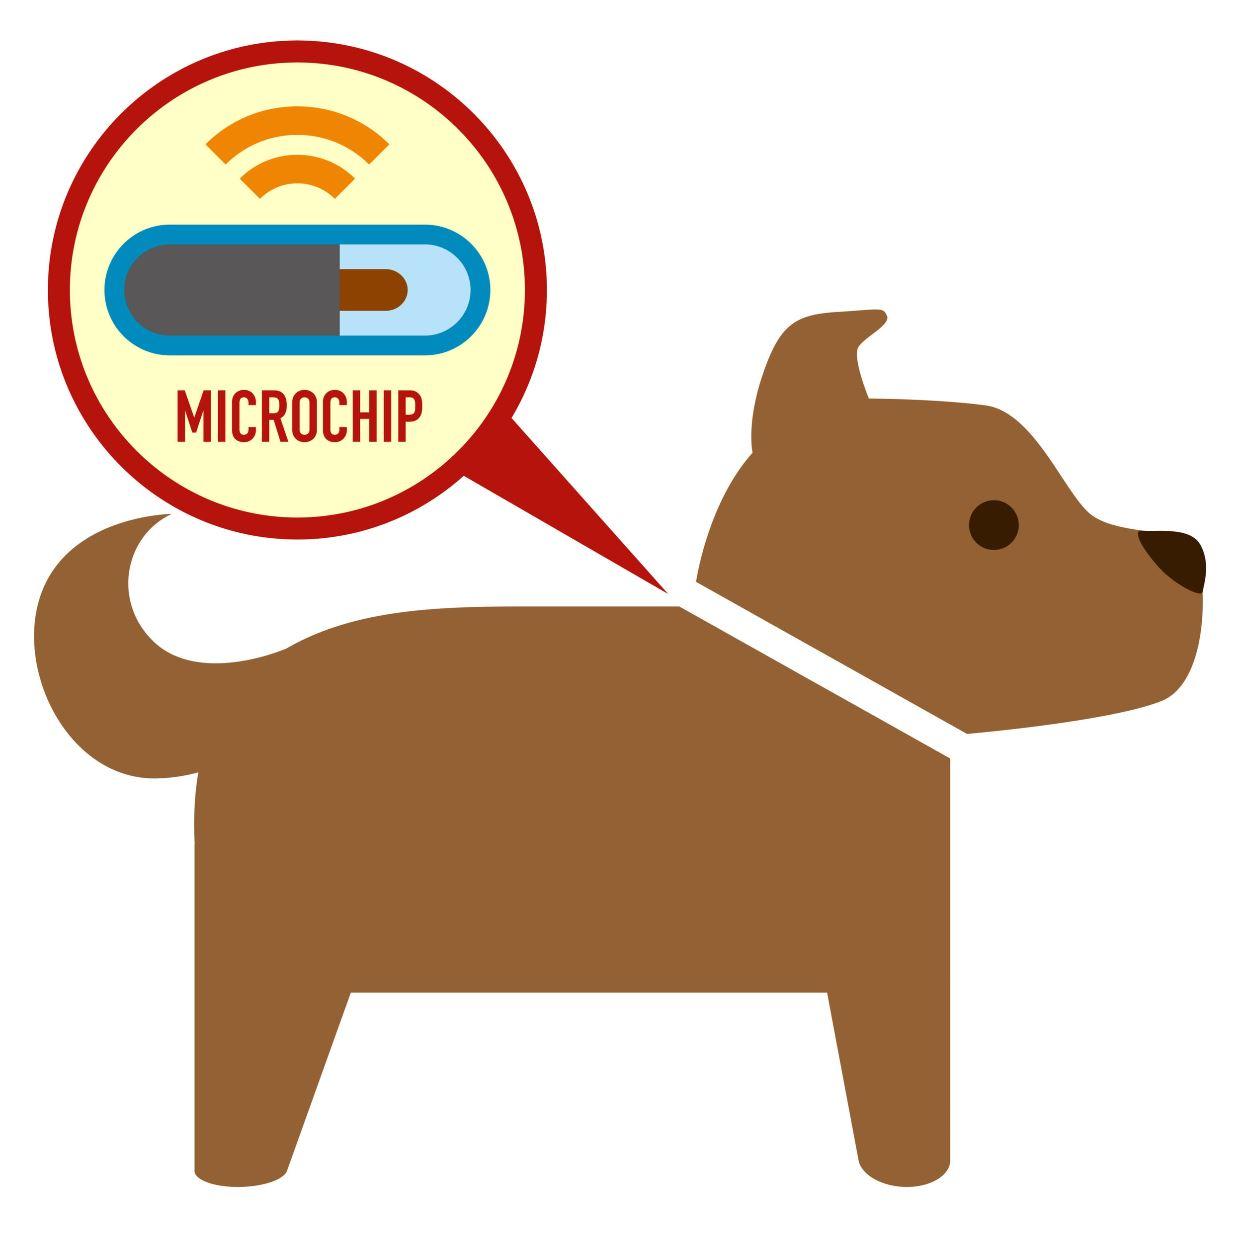 SR Microchip.JPG